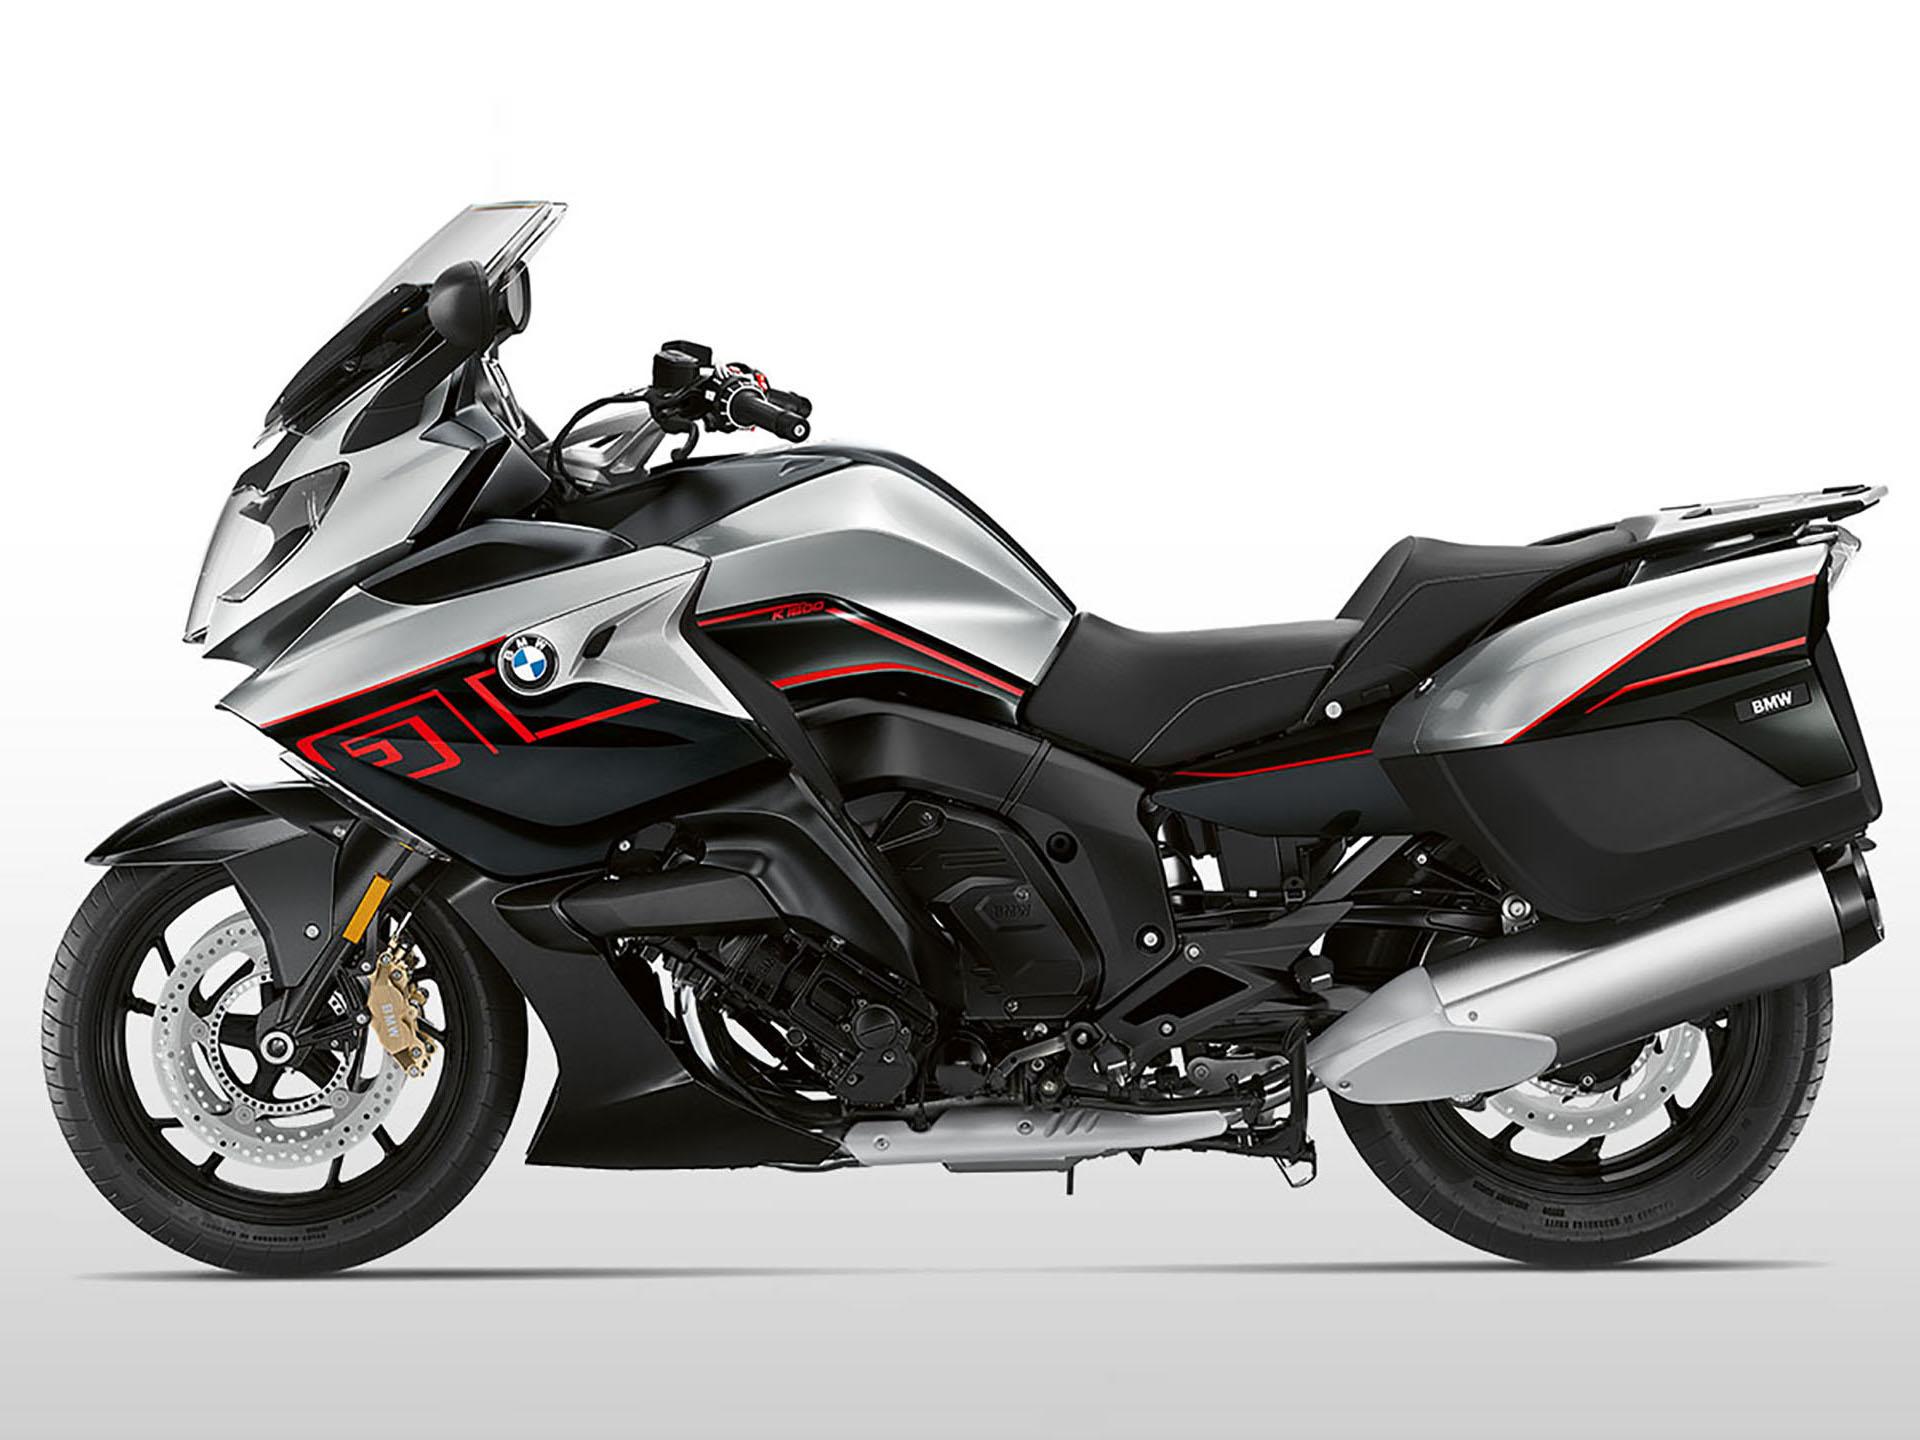 bmw-motorrad-k-1600-gt